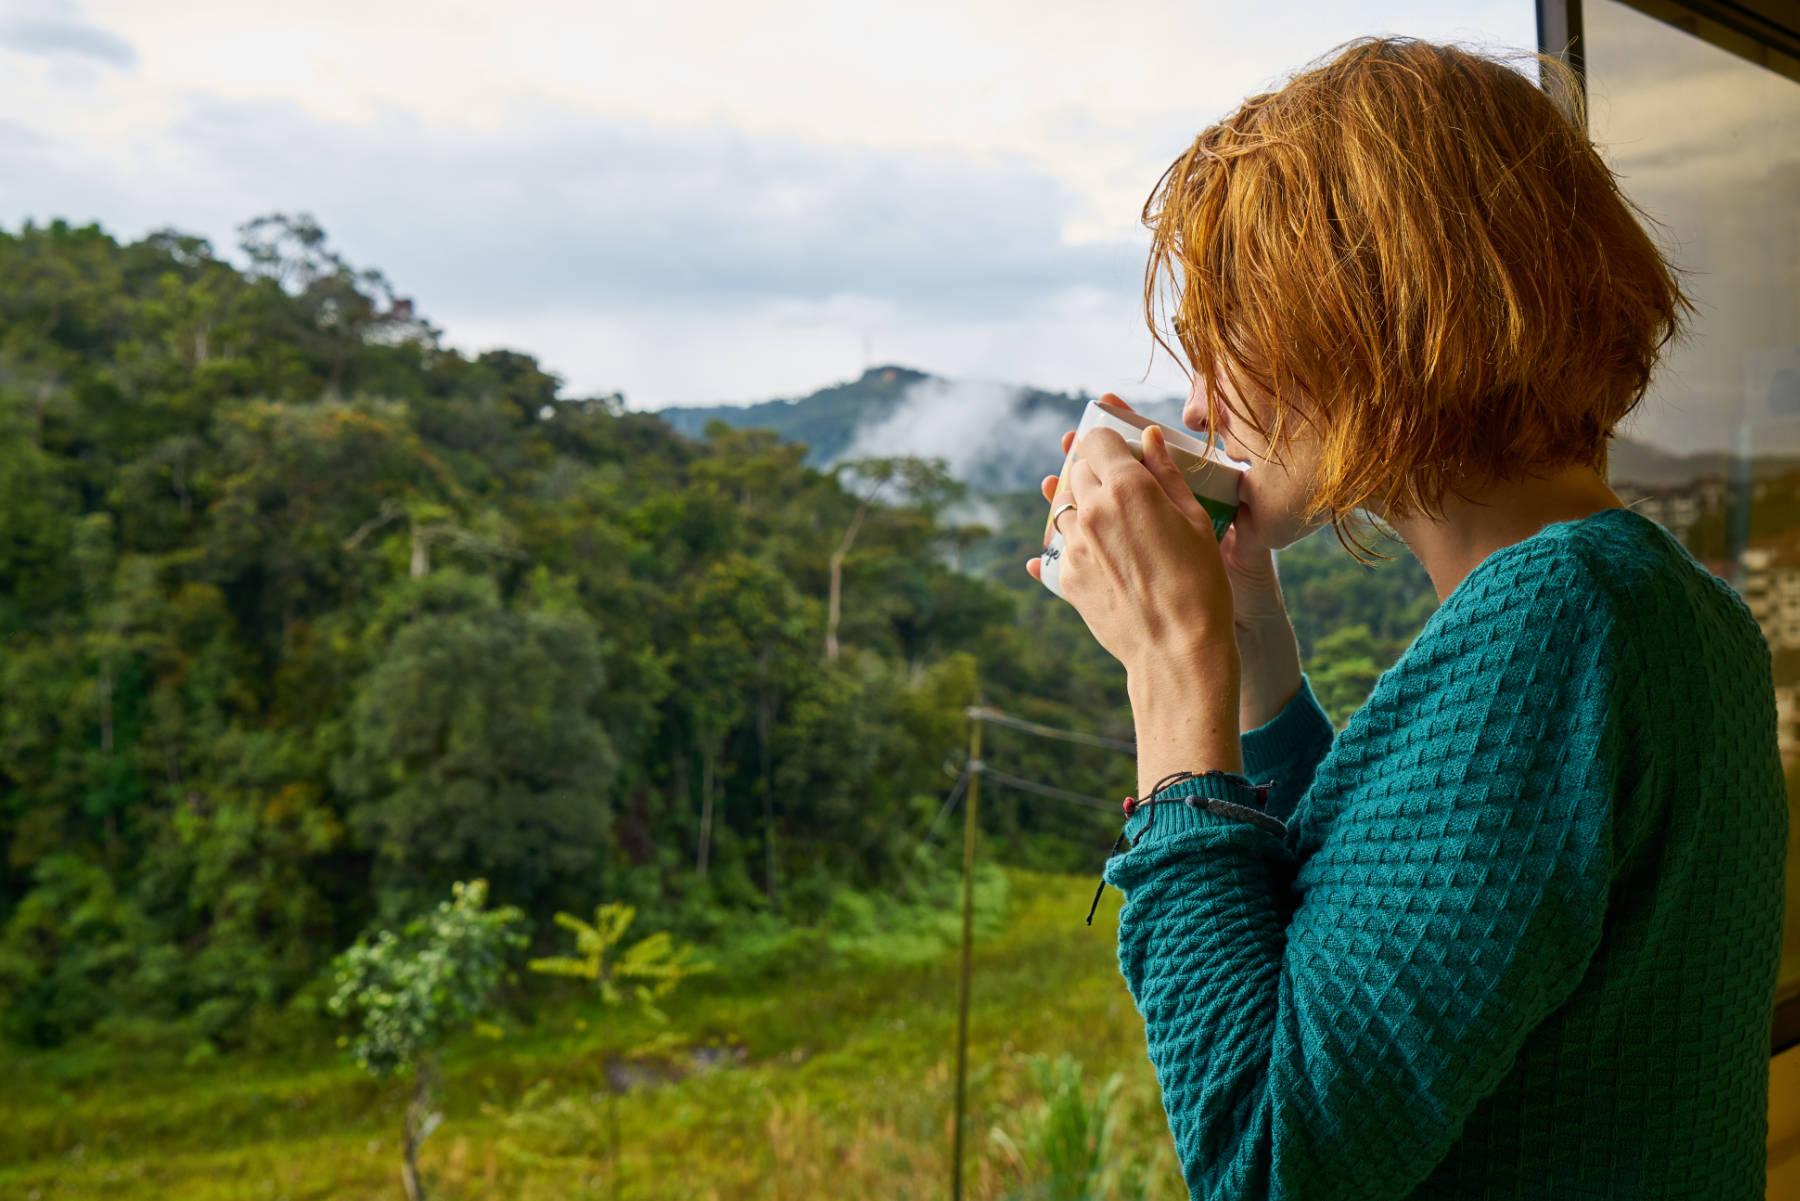 3 à 4 tasses de café par jour peuvent prolonger la durée de vie selon les preuves provenant de 200 études